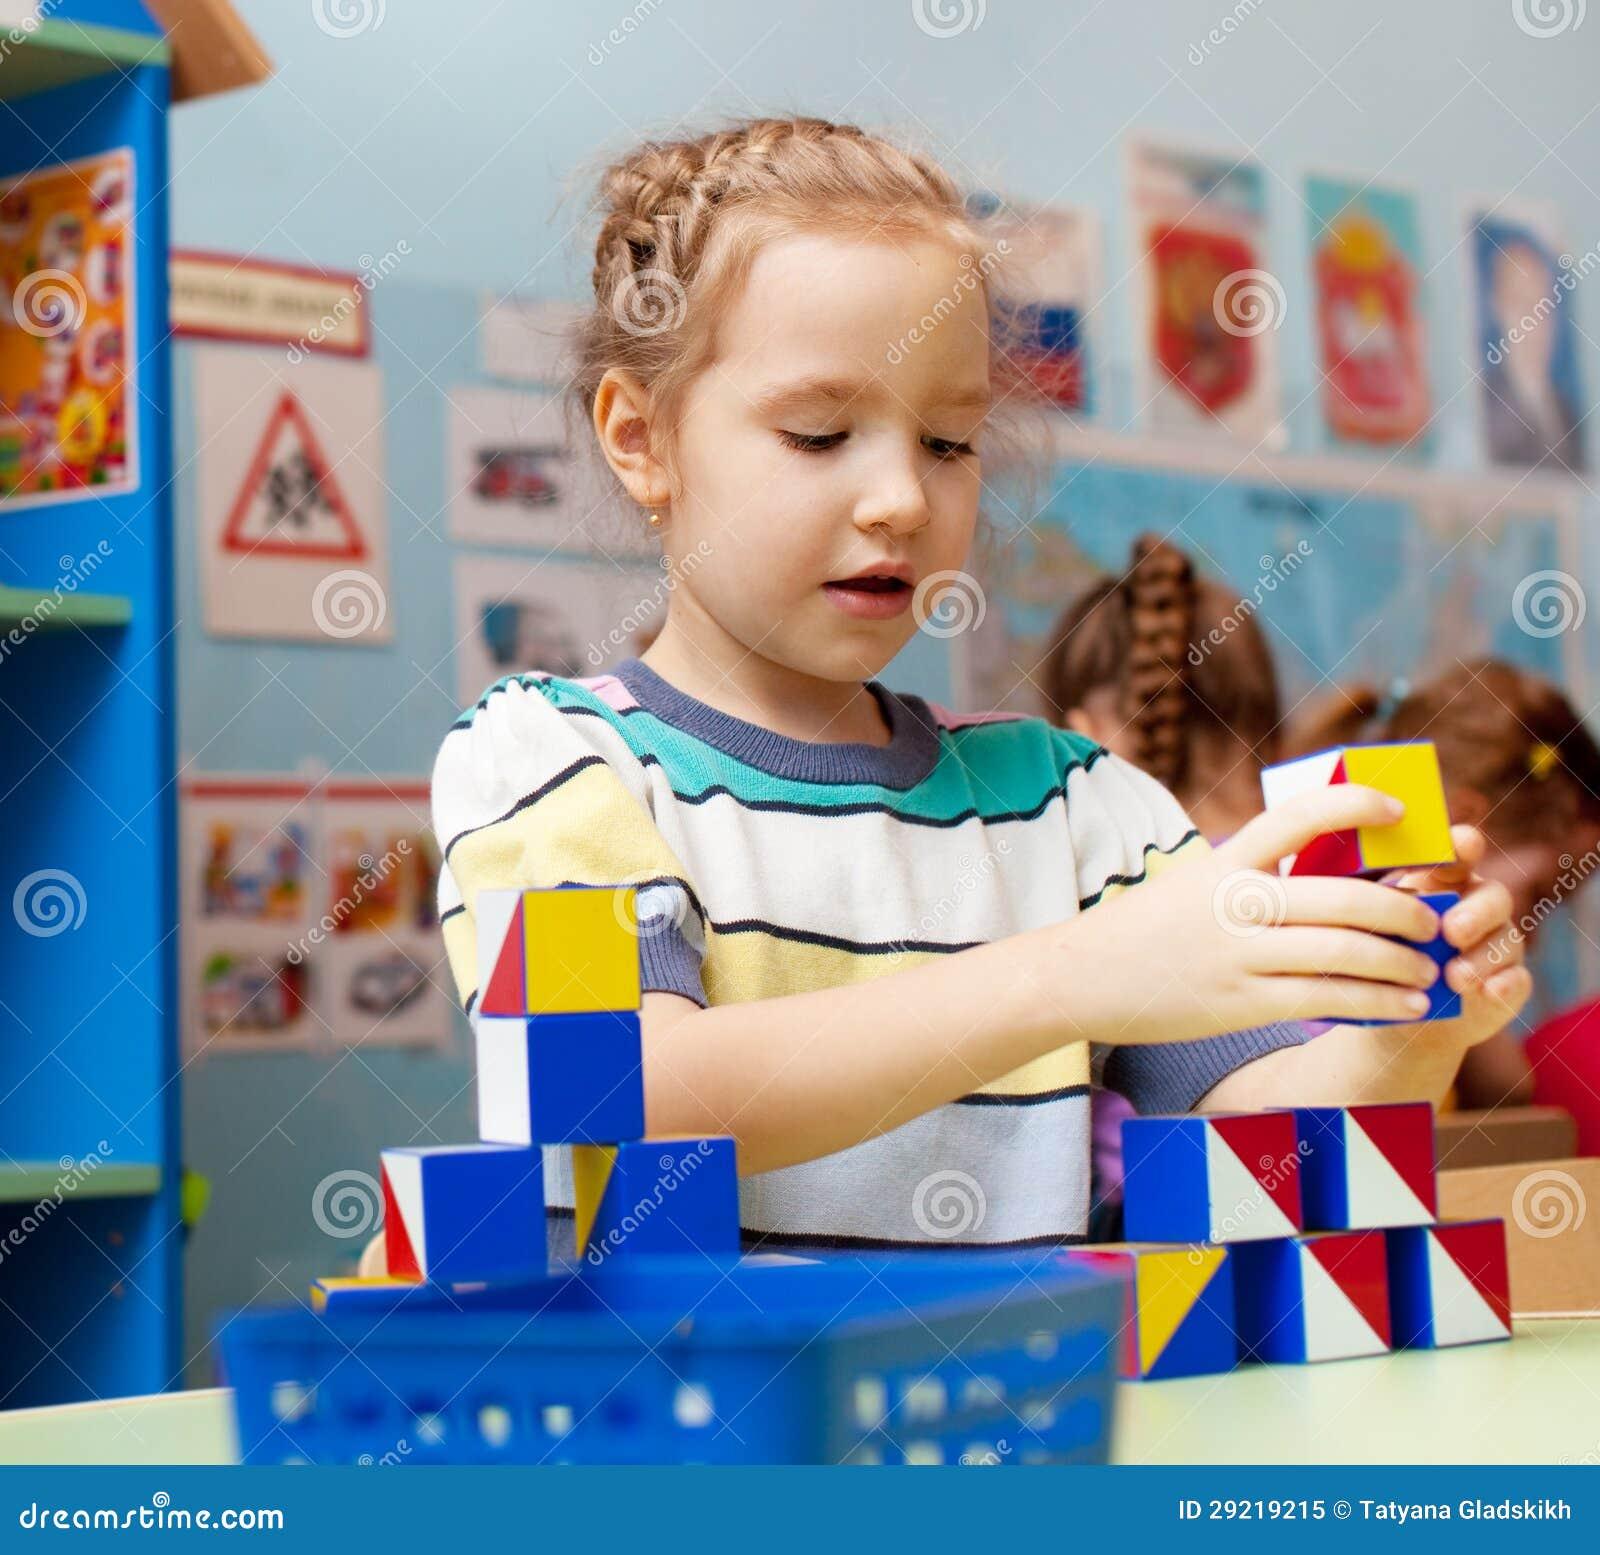 banco de jardim vetor:Foto de Stock Royalty Free: Criança no jardim de infância